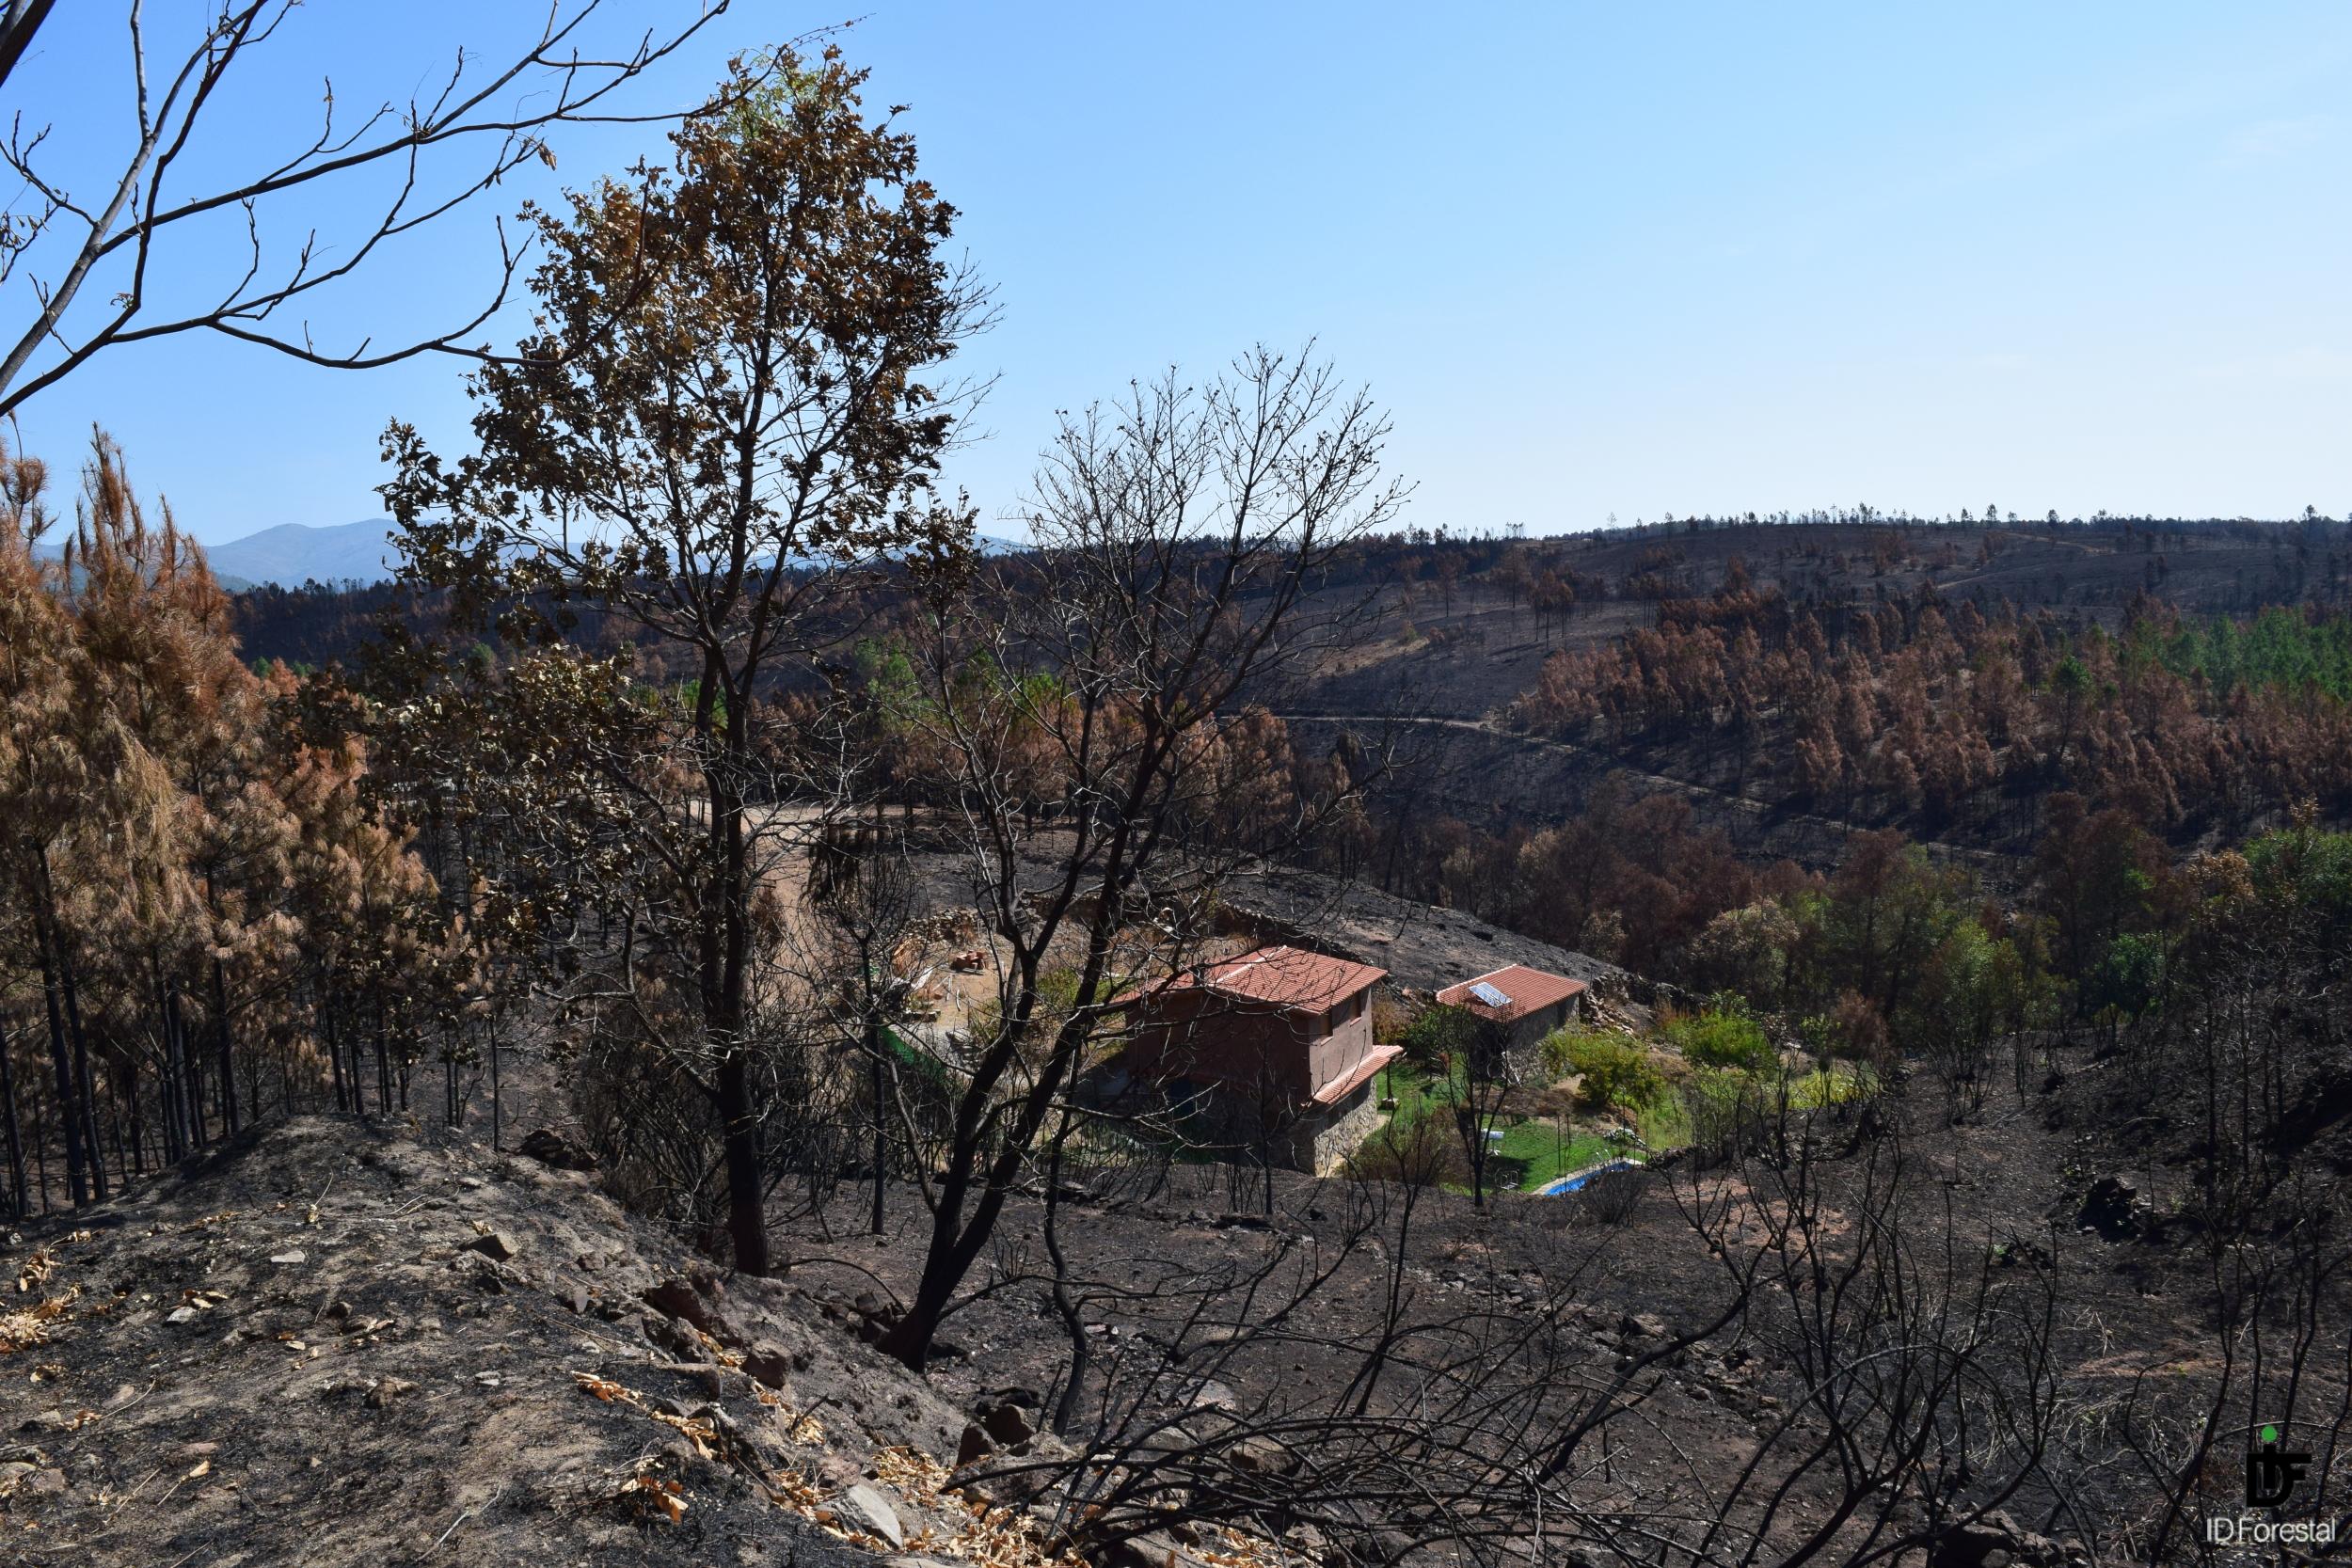 IDForestal Incendio de Sierra de Gata 2015